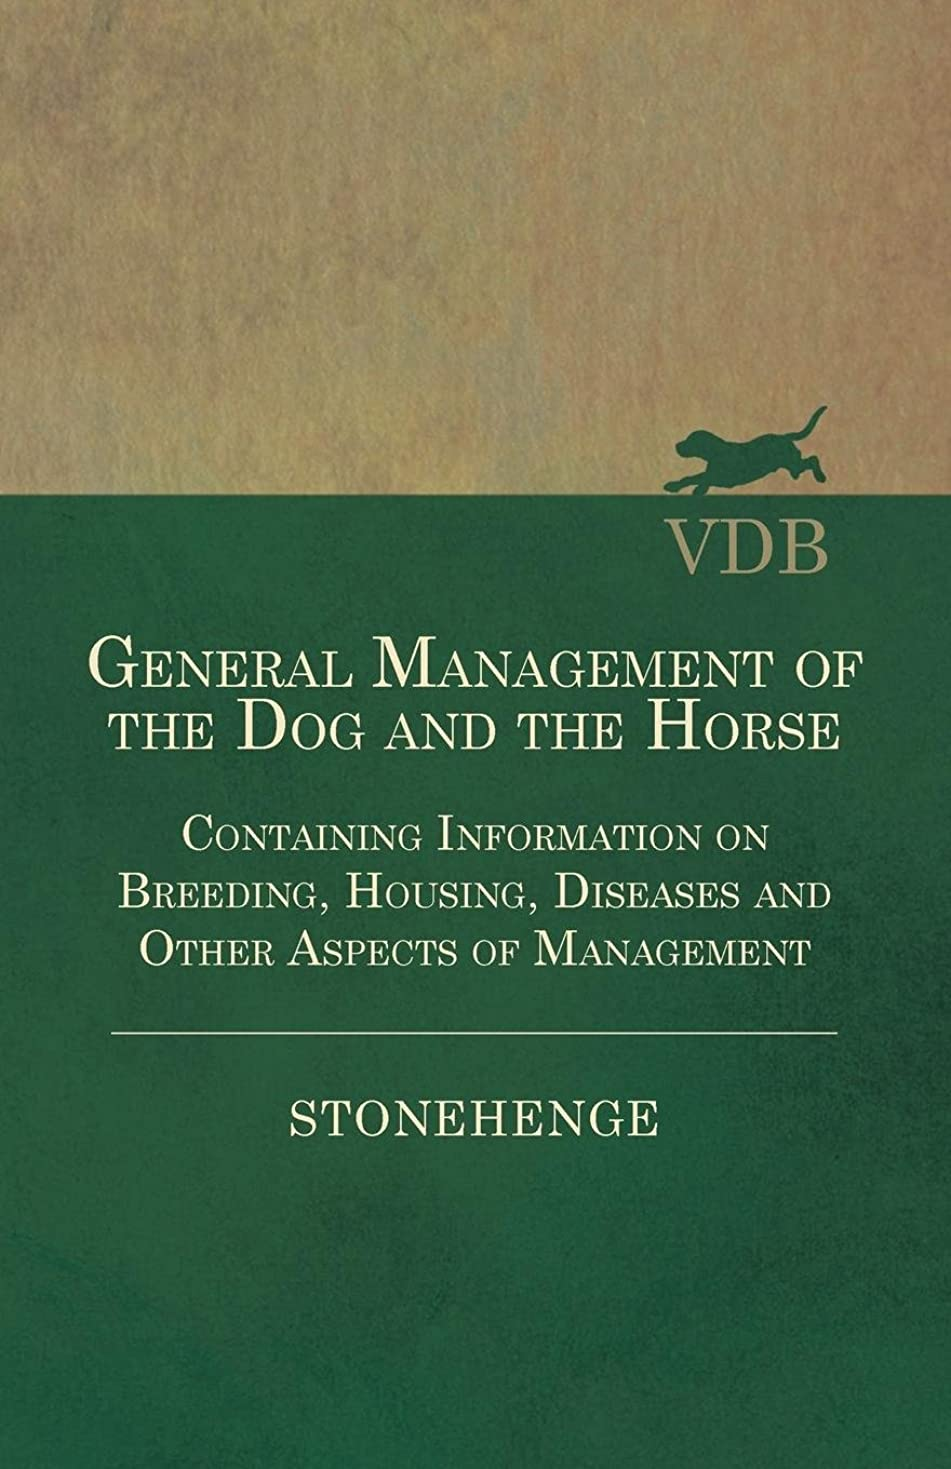 事実リーク好奇心General Management of the Dog and the Horse - Containing Information on Breeding, Housing, Diseases and Other Aspects of Management